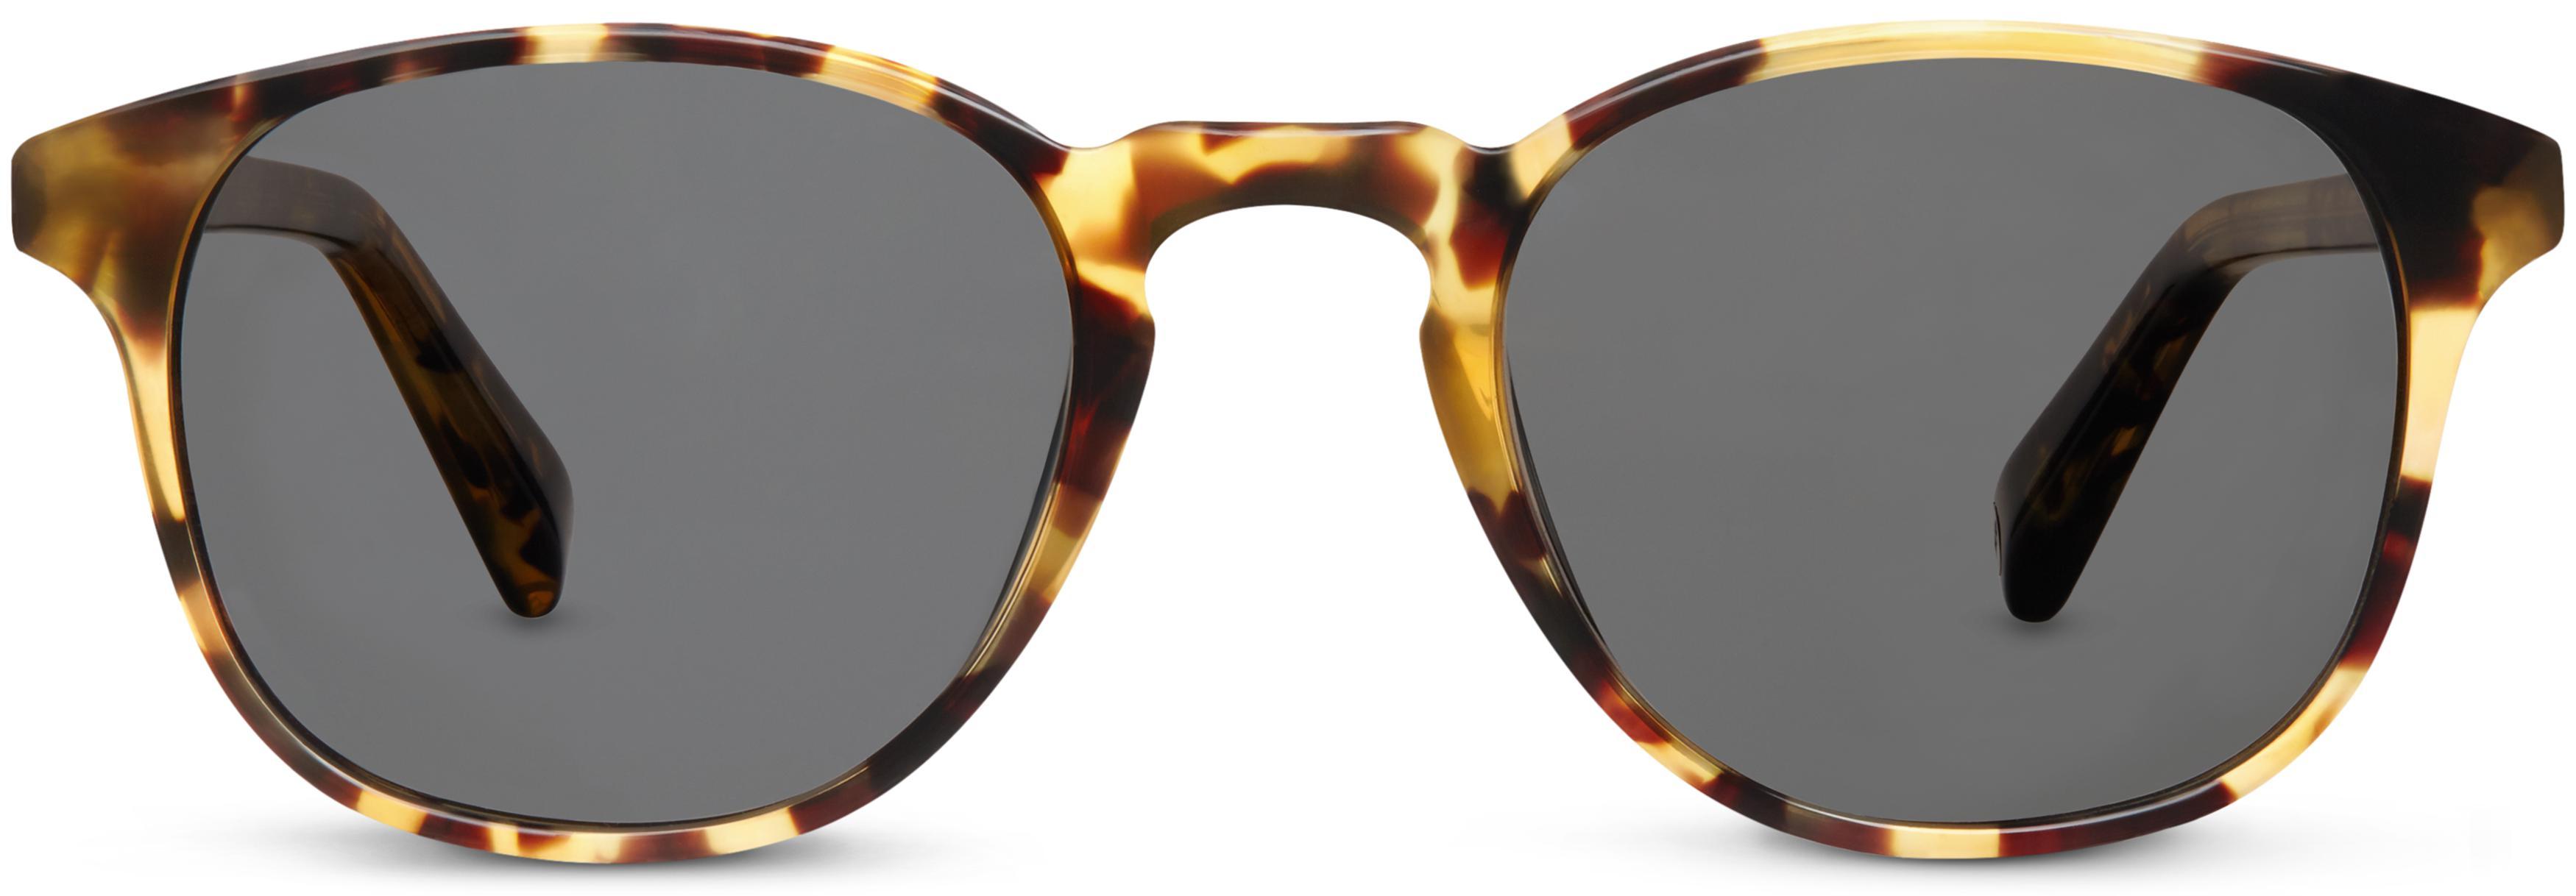 257bb1188b7 Women s Sunglasses